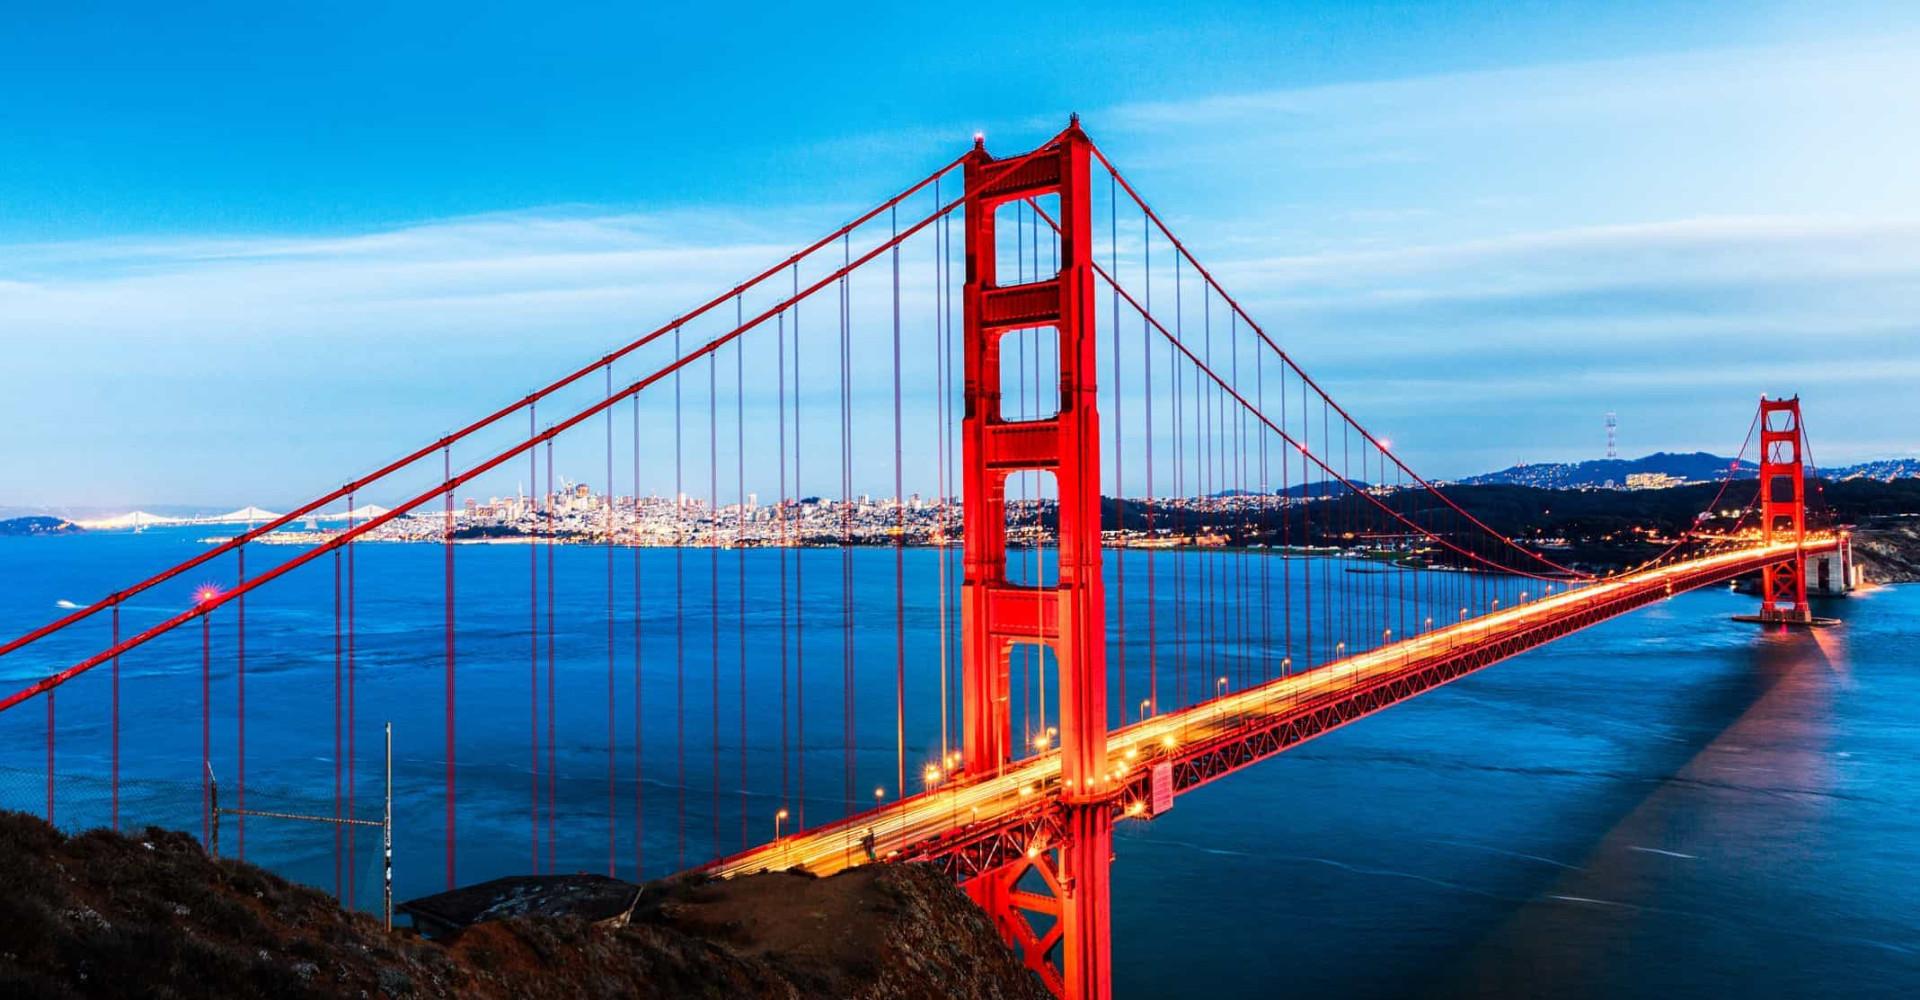 Maailman kauneimmat sillat